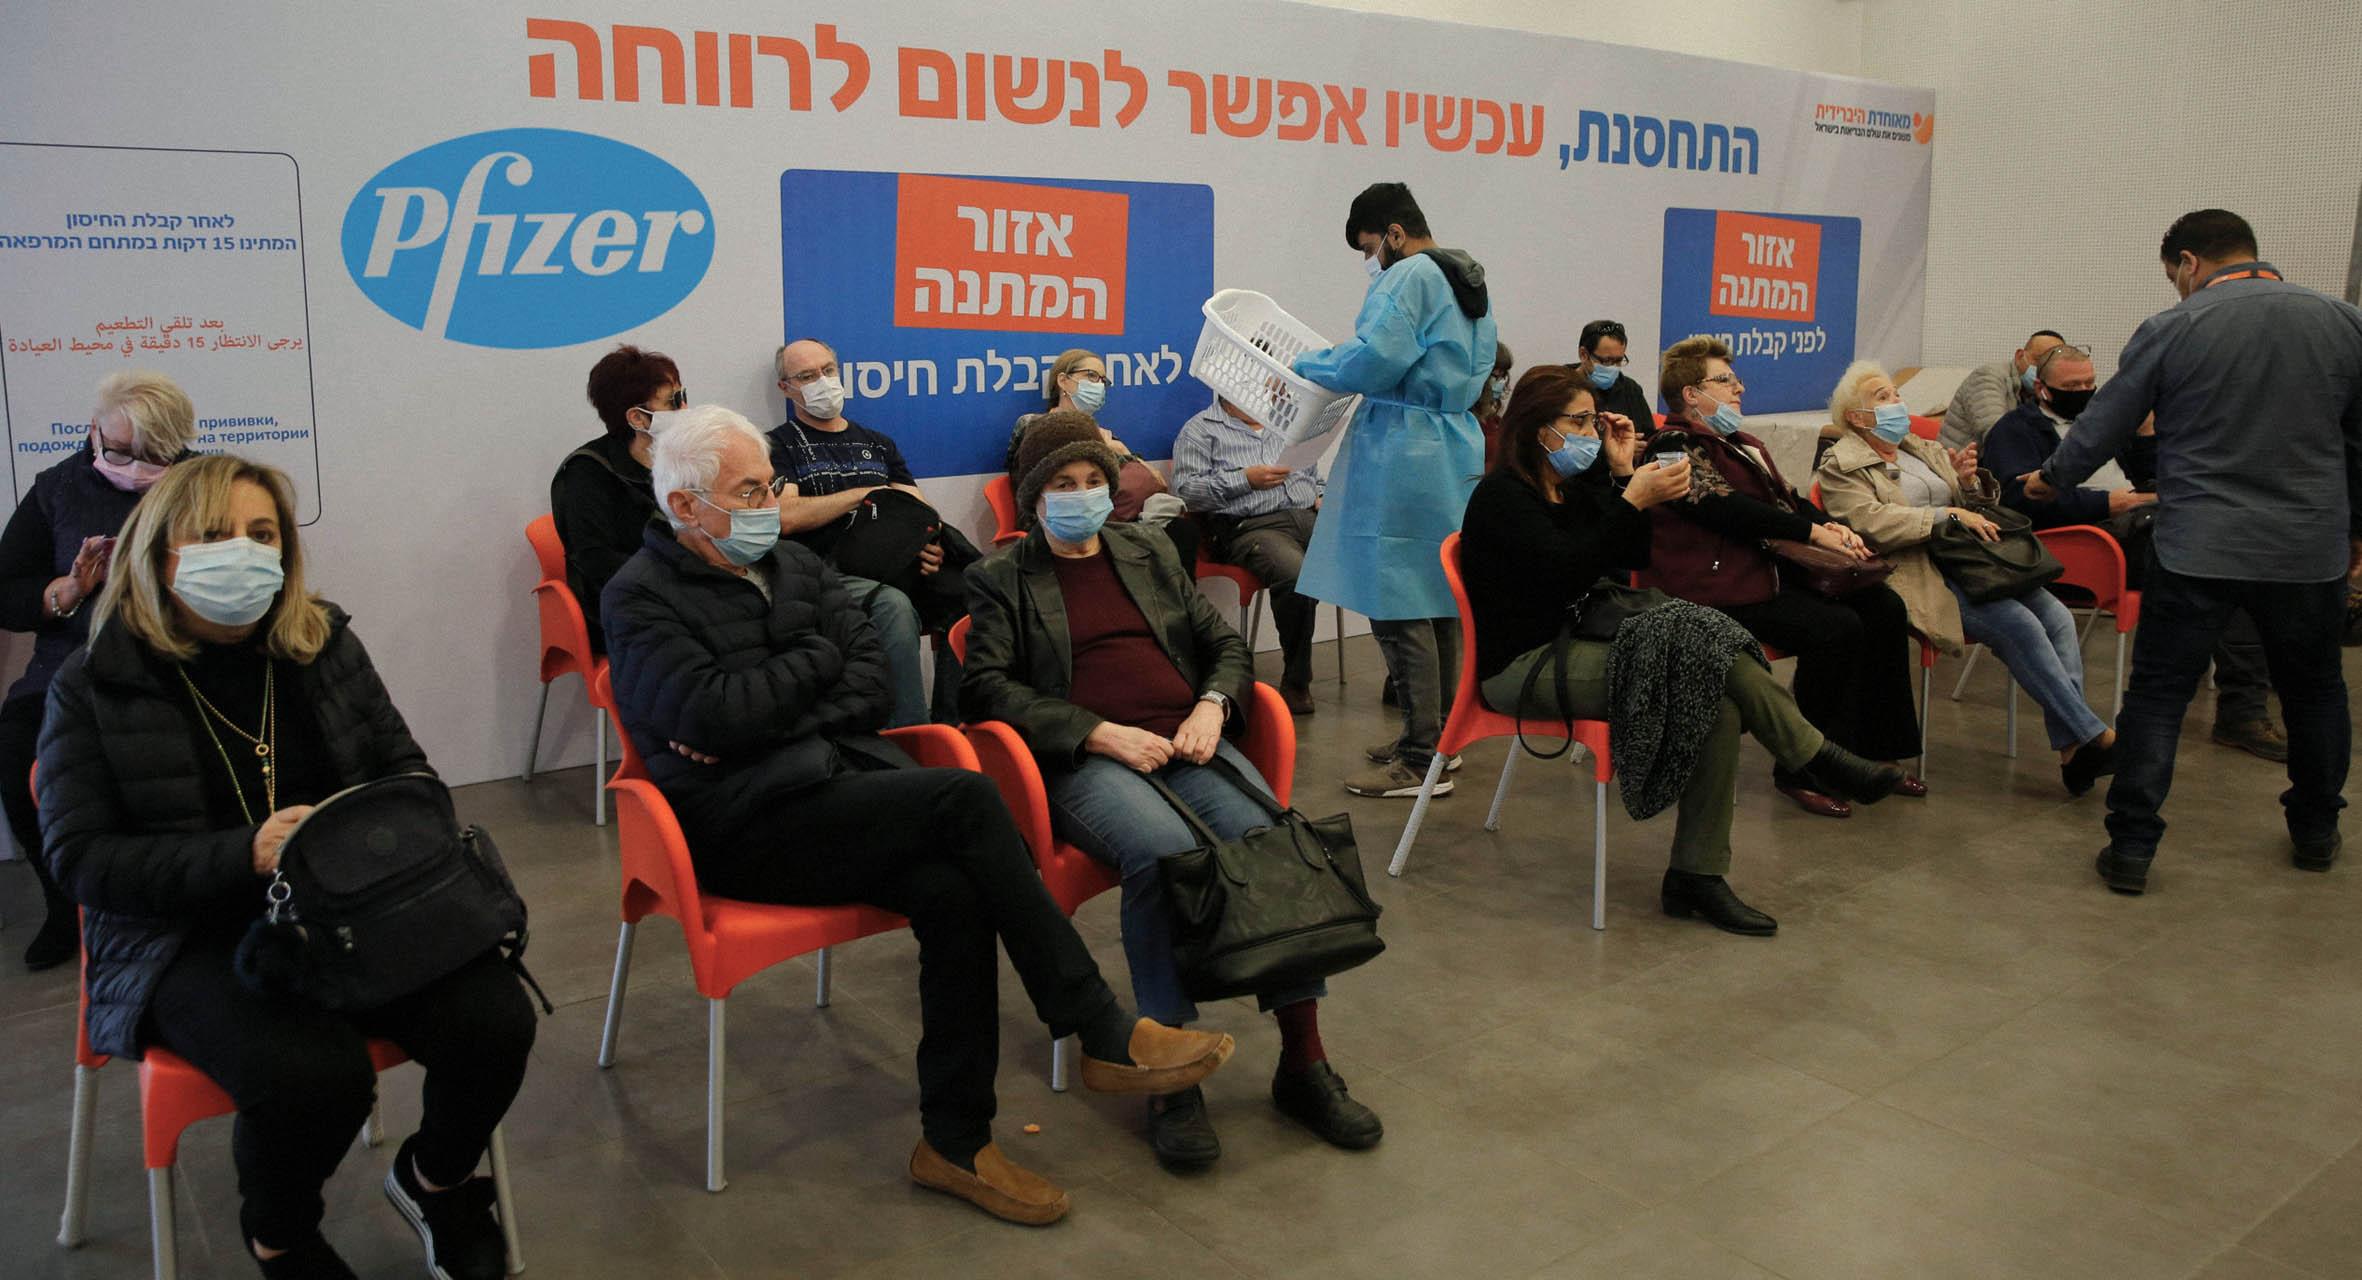 صورة فايزر تعطي المطاعيم لإسرائيل لتجربة أثر تطعيم أتباع الدين الواحد فقط